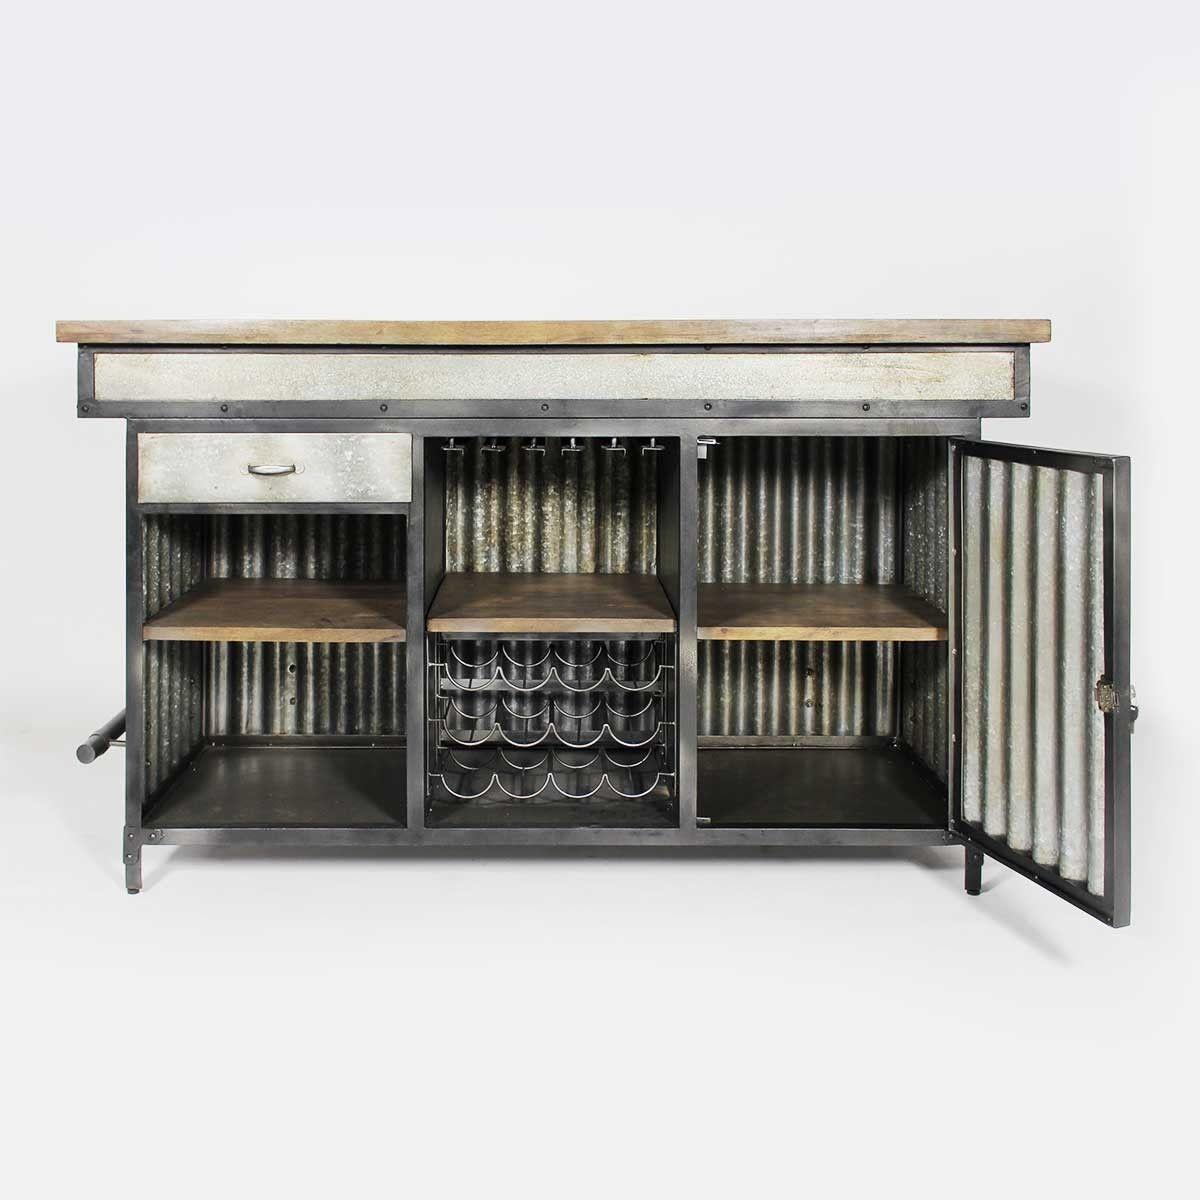 Meuble bar industriel structure en t le ondul e - Meuble loft industriel ...